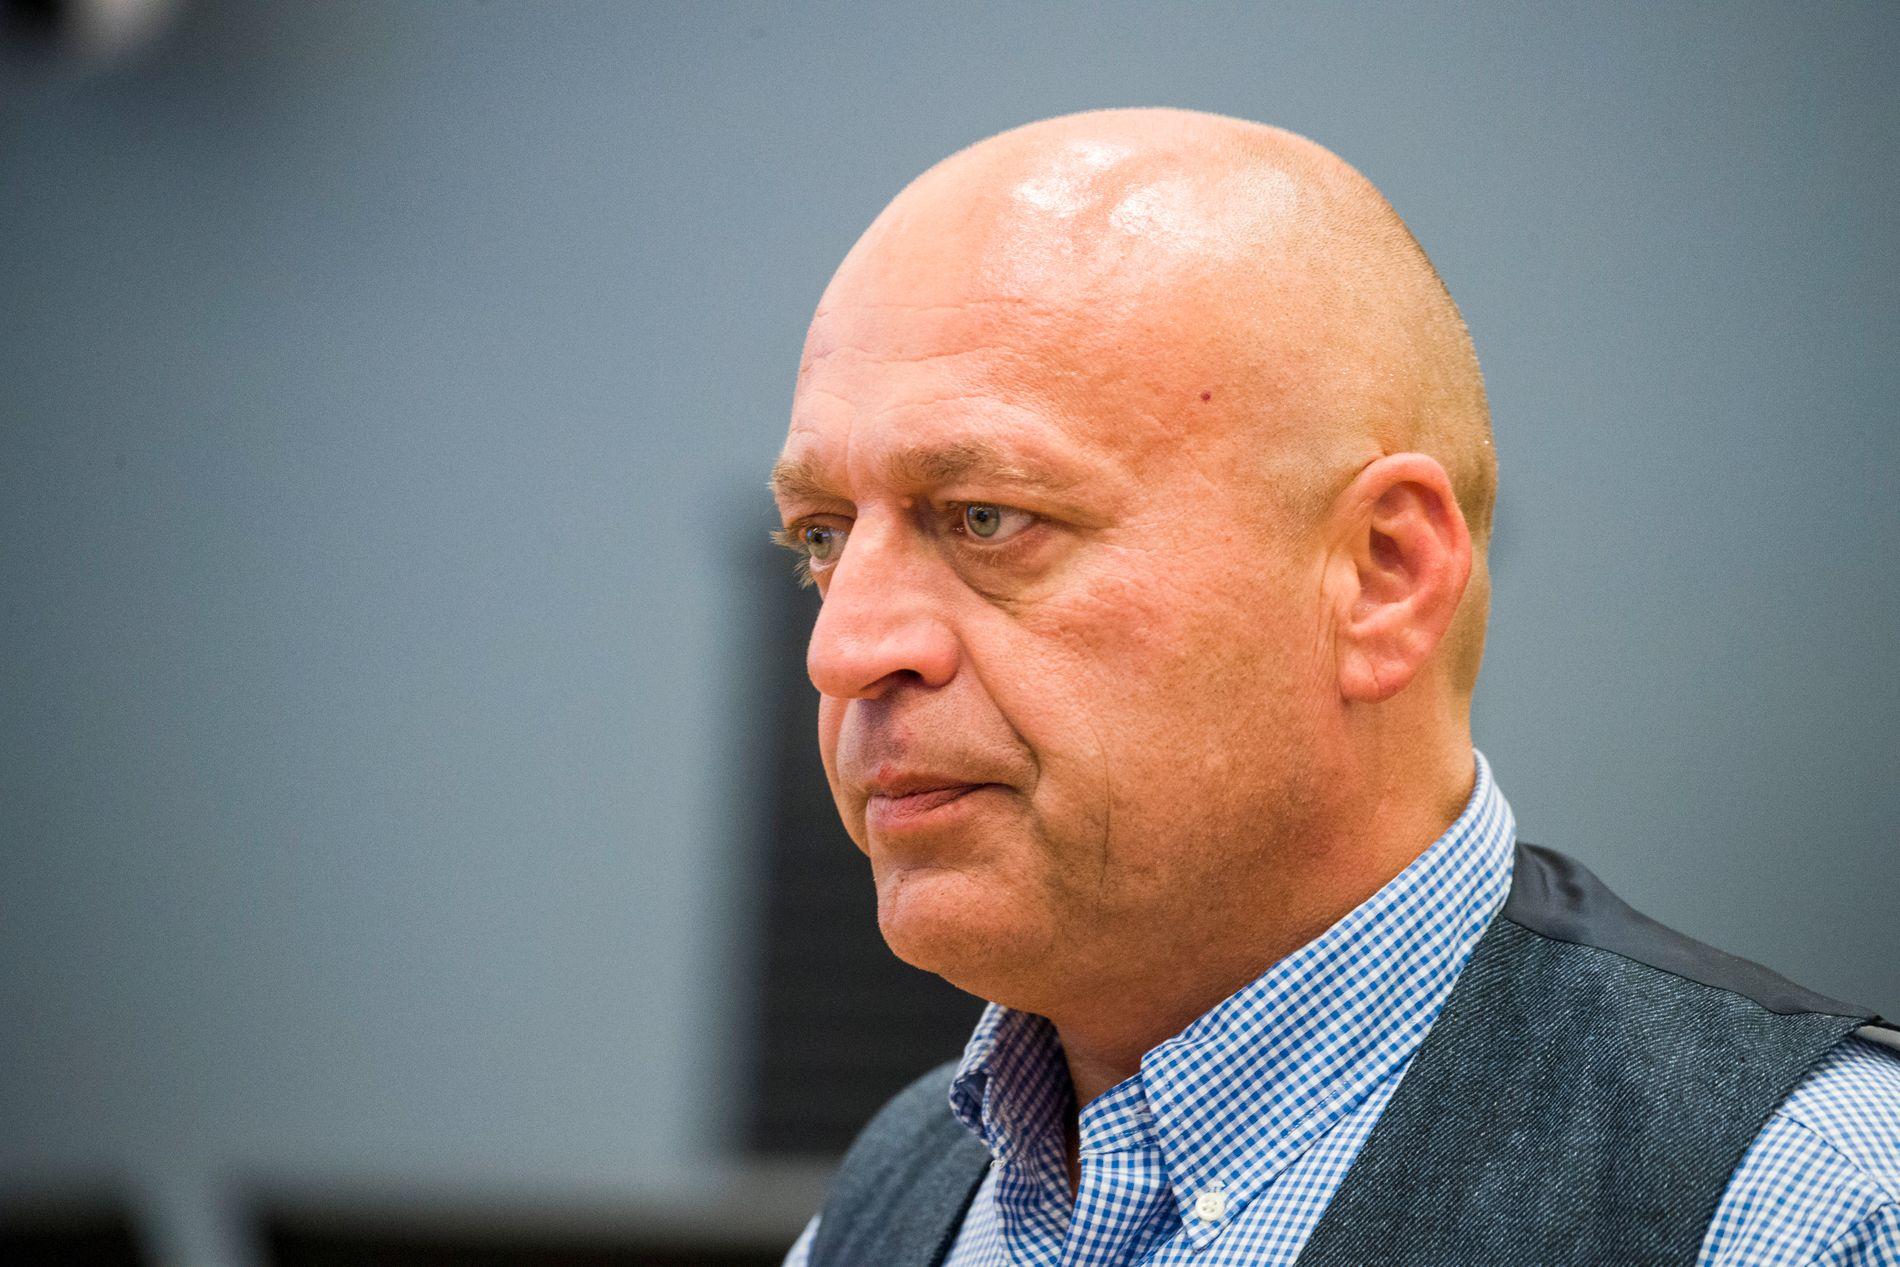 TIL ANGREP: Gjermund Cappelen, som står tiltalt for grov korrupsjon og narkotikakriminalitet, tordnet mot Eirik Jensen i retten i dag.